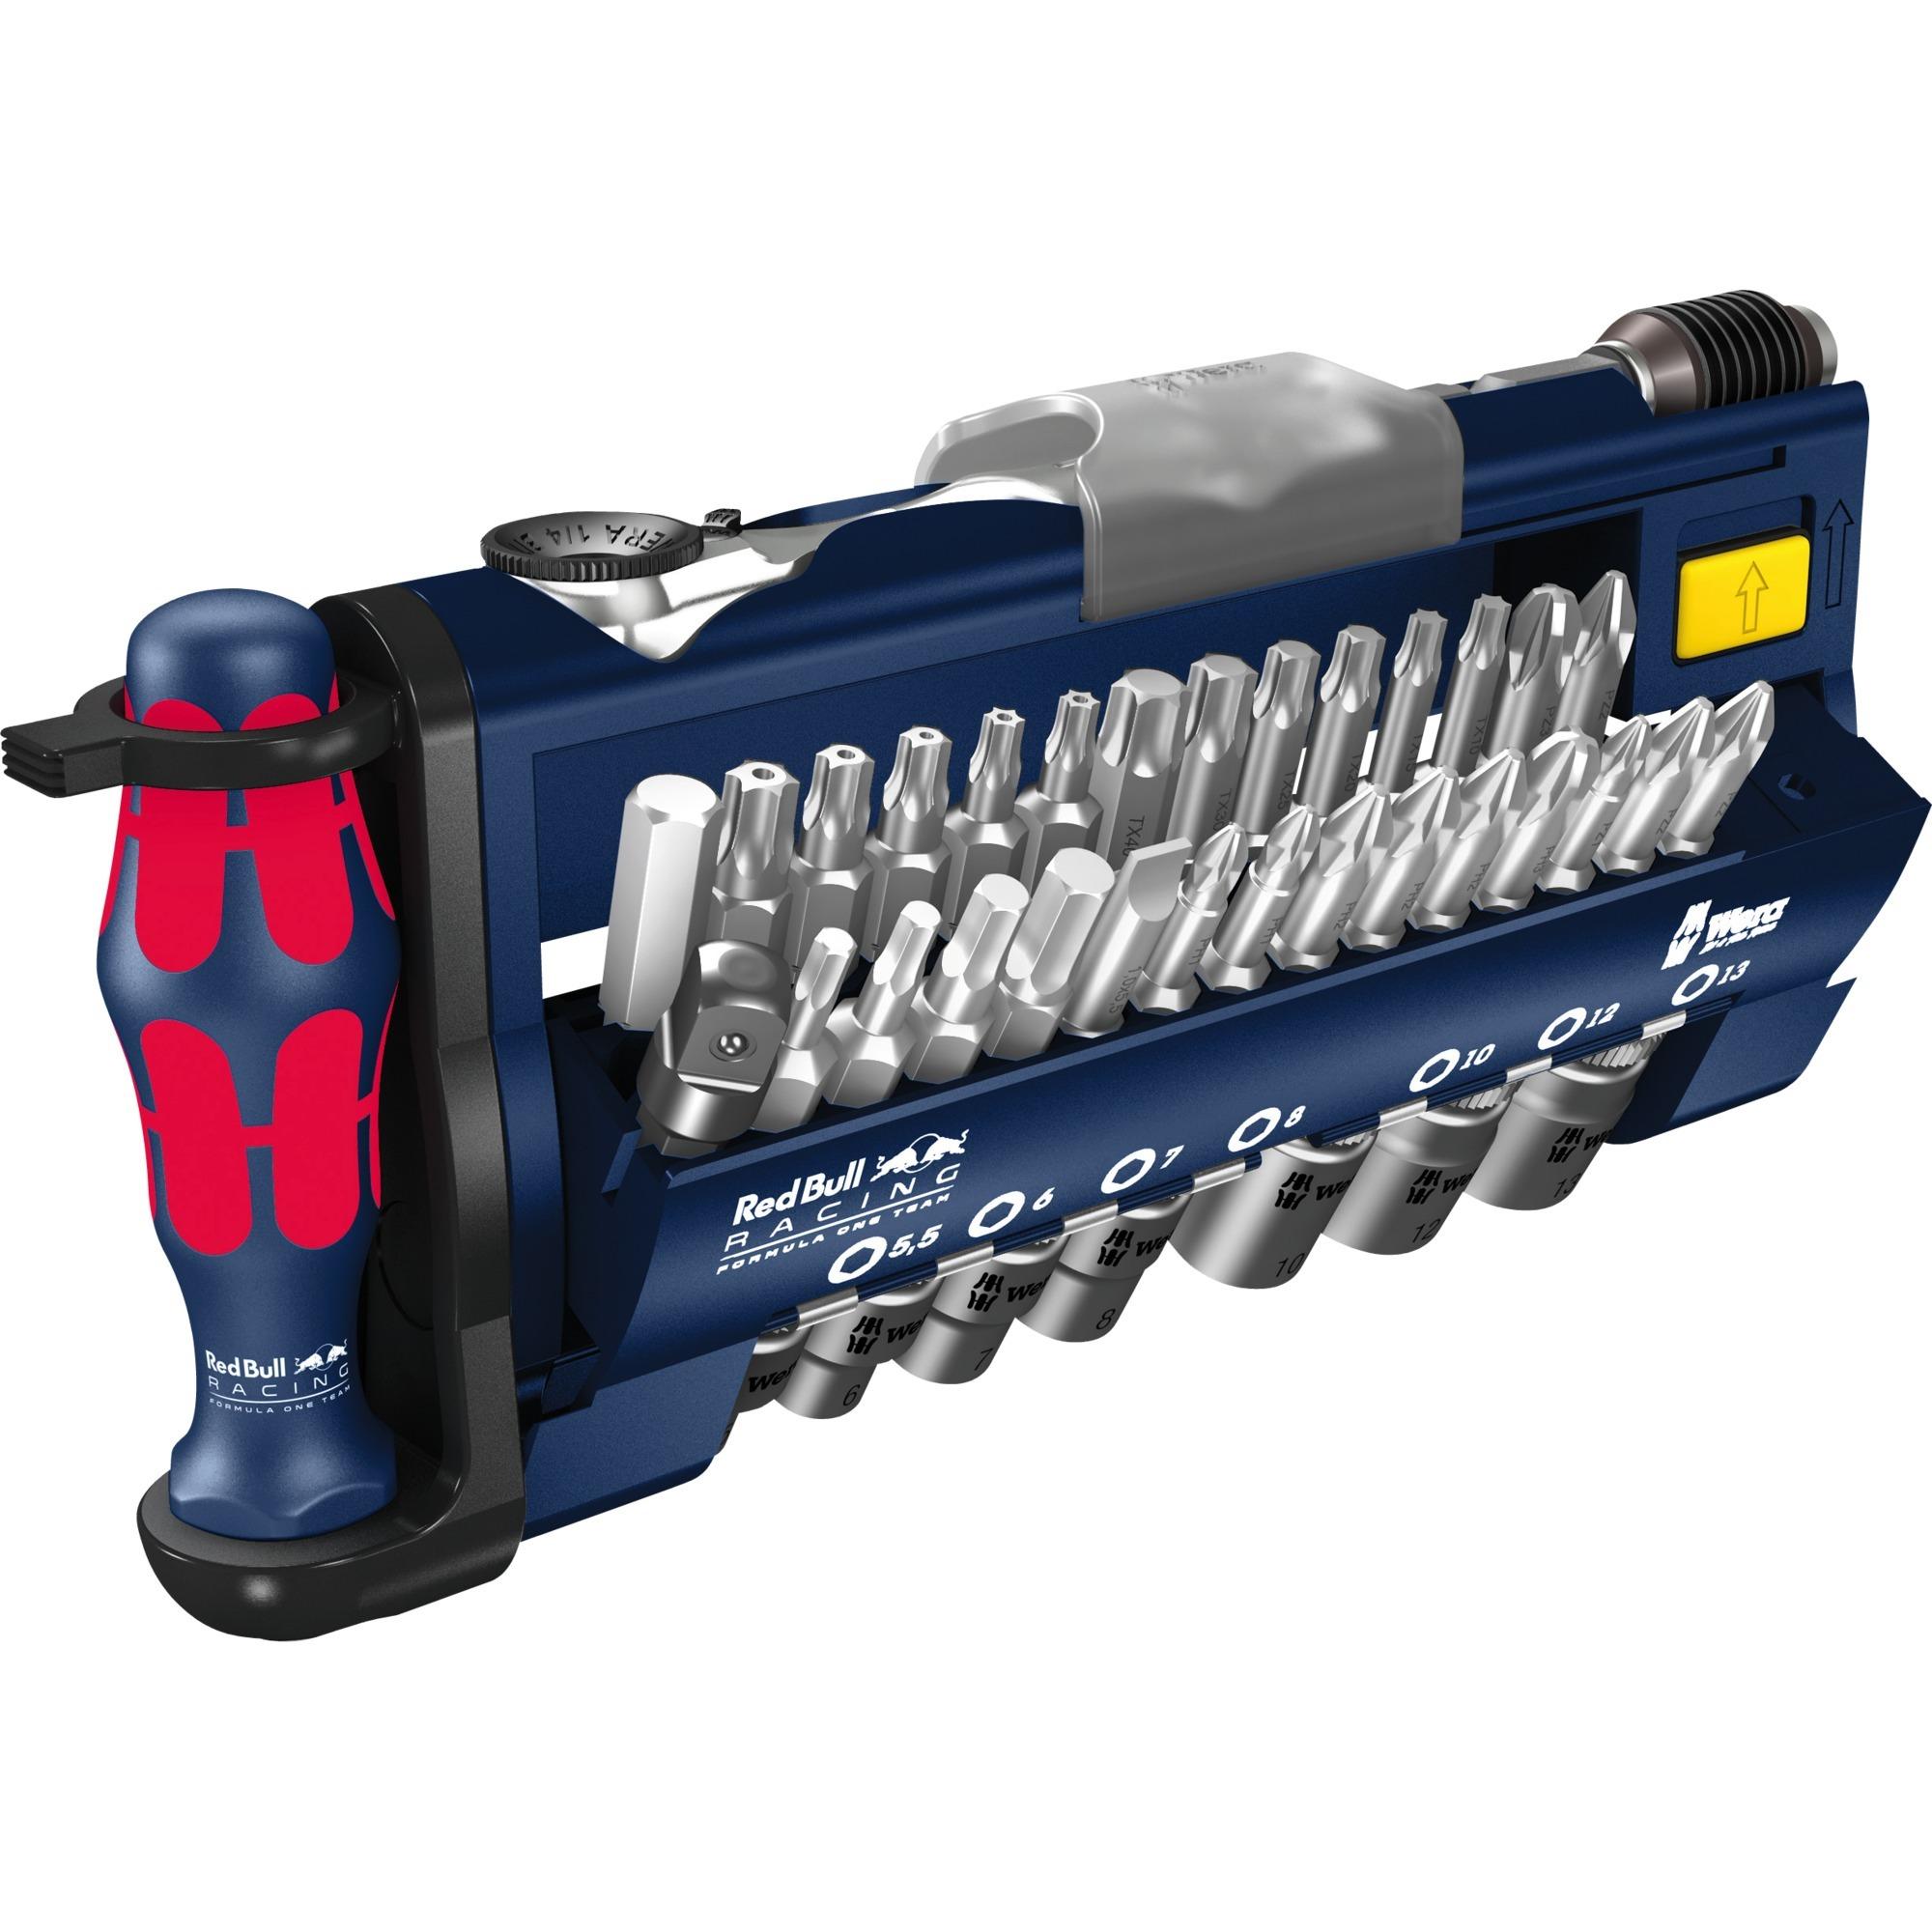 tool-check-plus-rbr-bit-sat